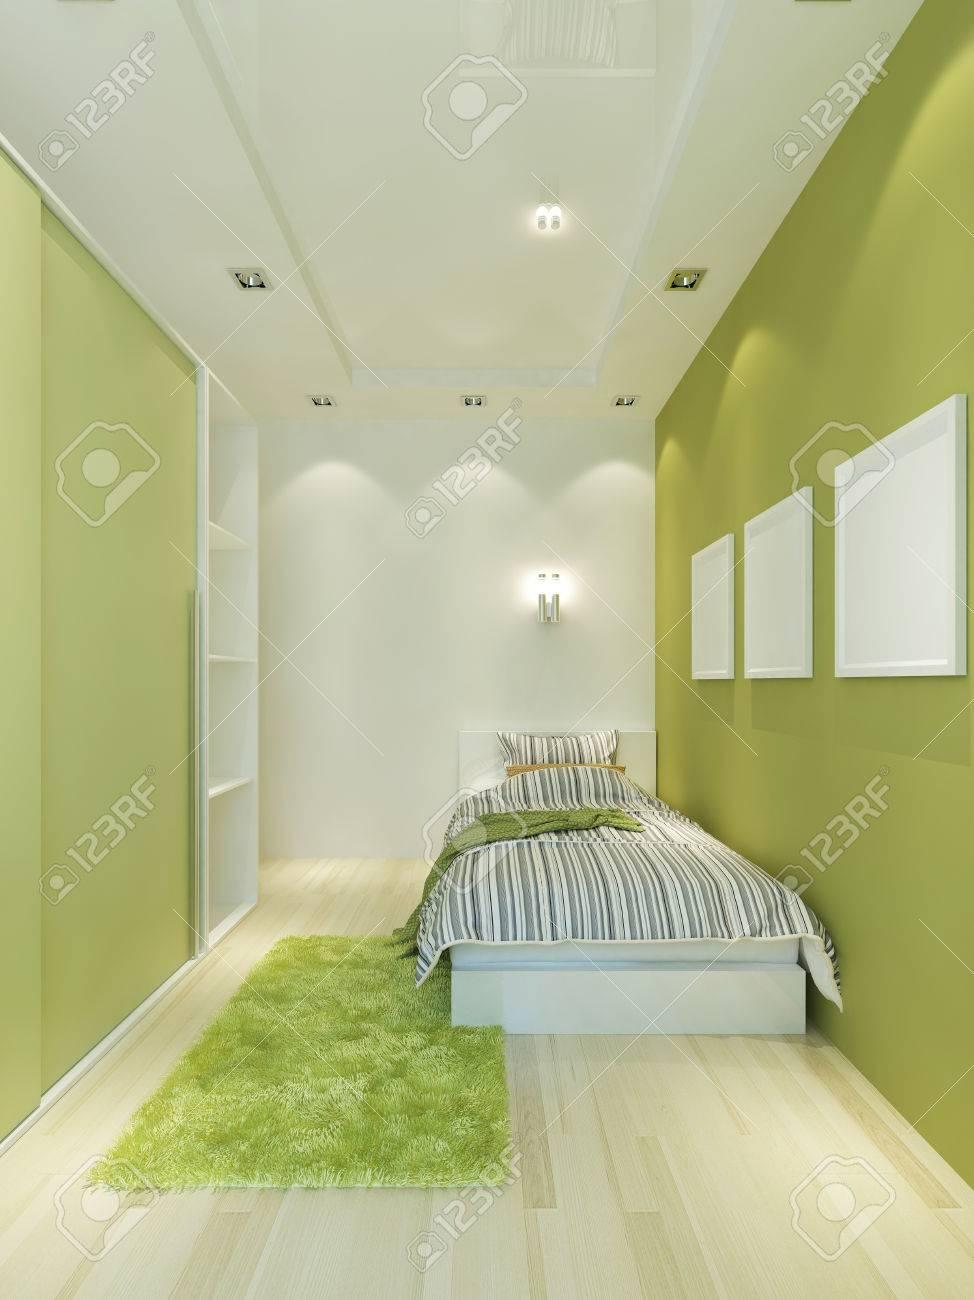 Schmale Kinderzimmer In Einem Modernen Stil Mit Einem Bett Und Einem